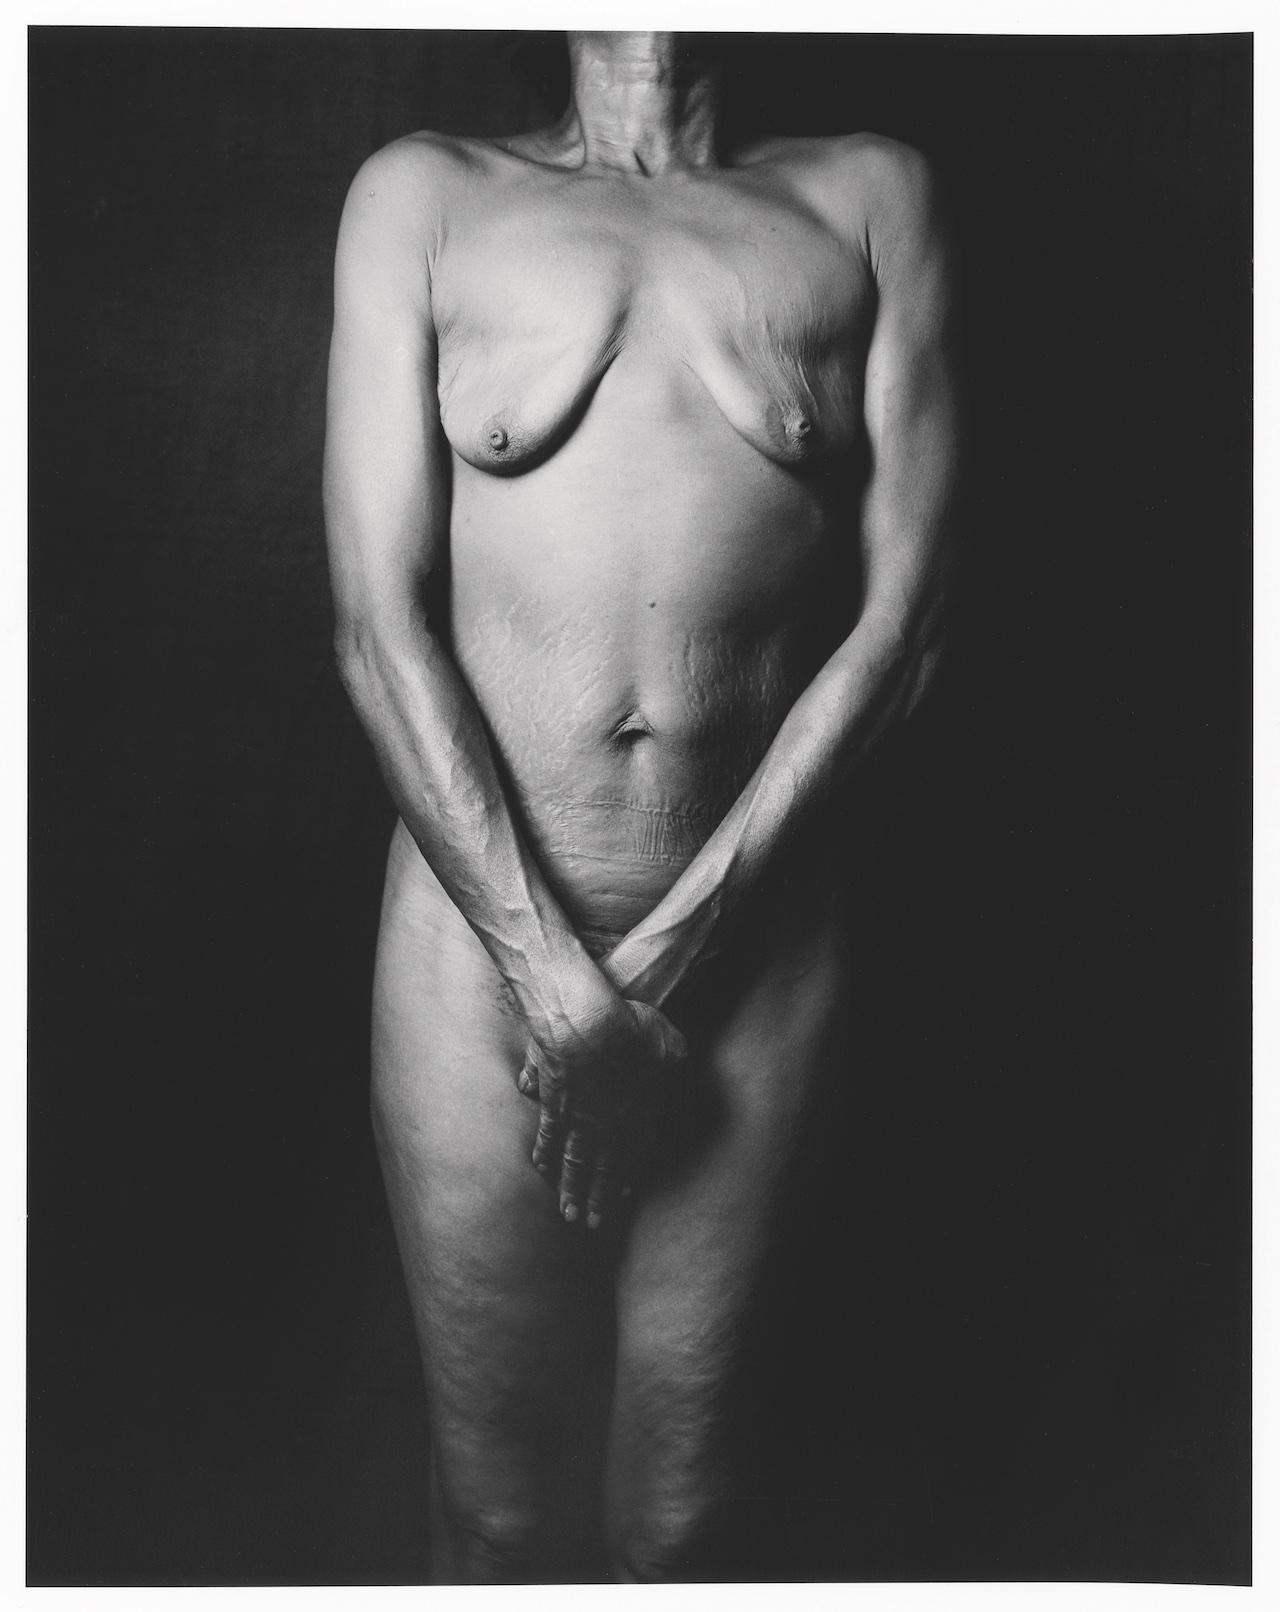 Venus 26 tirage argentique noir et blanc 2008